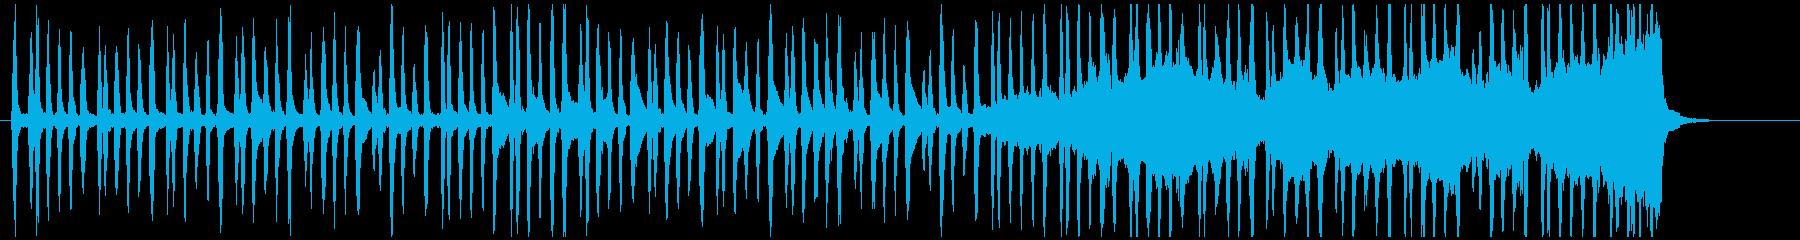 オーケストラ・和風な春の始まりBGMの再生済みの波形